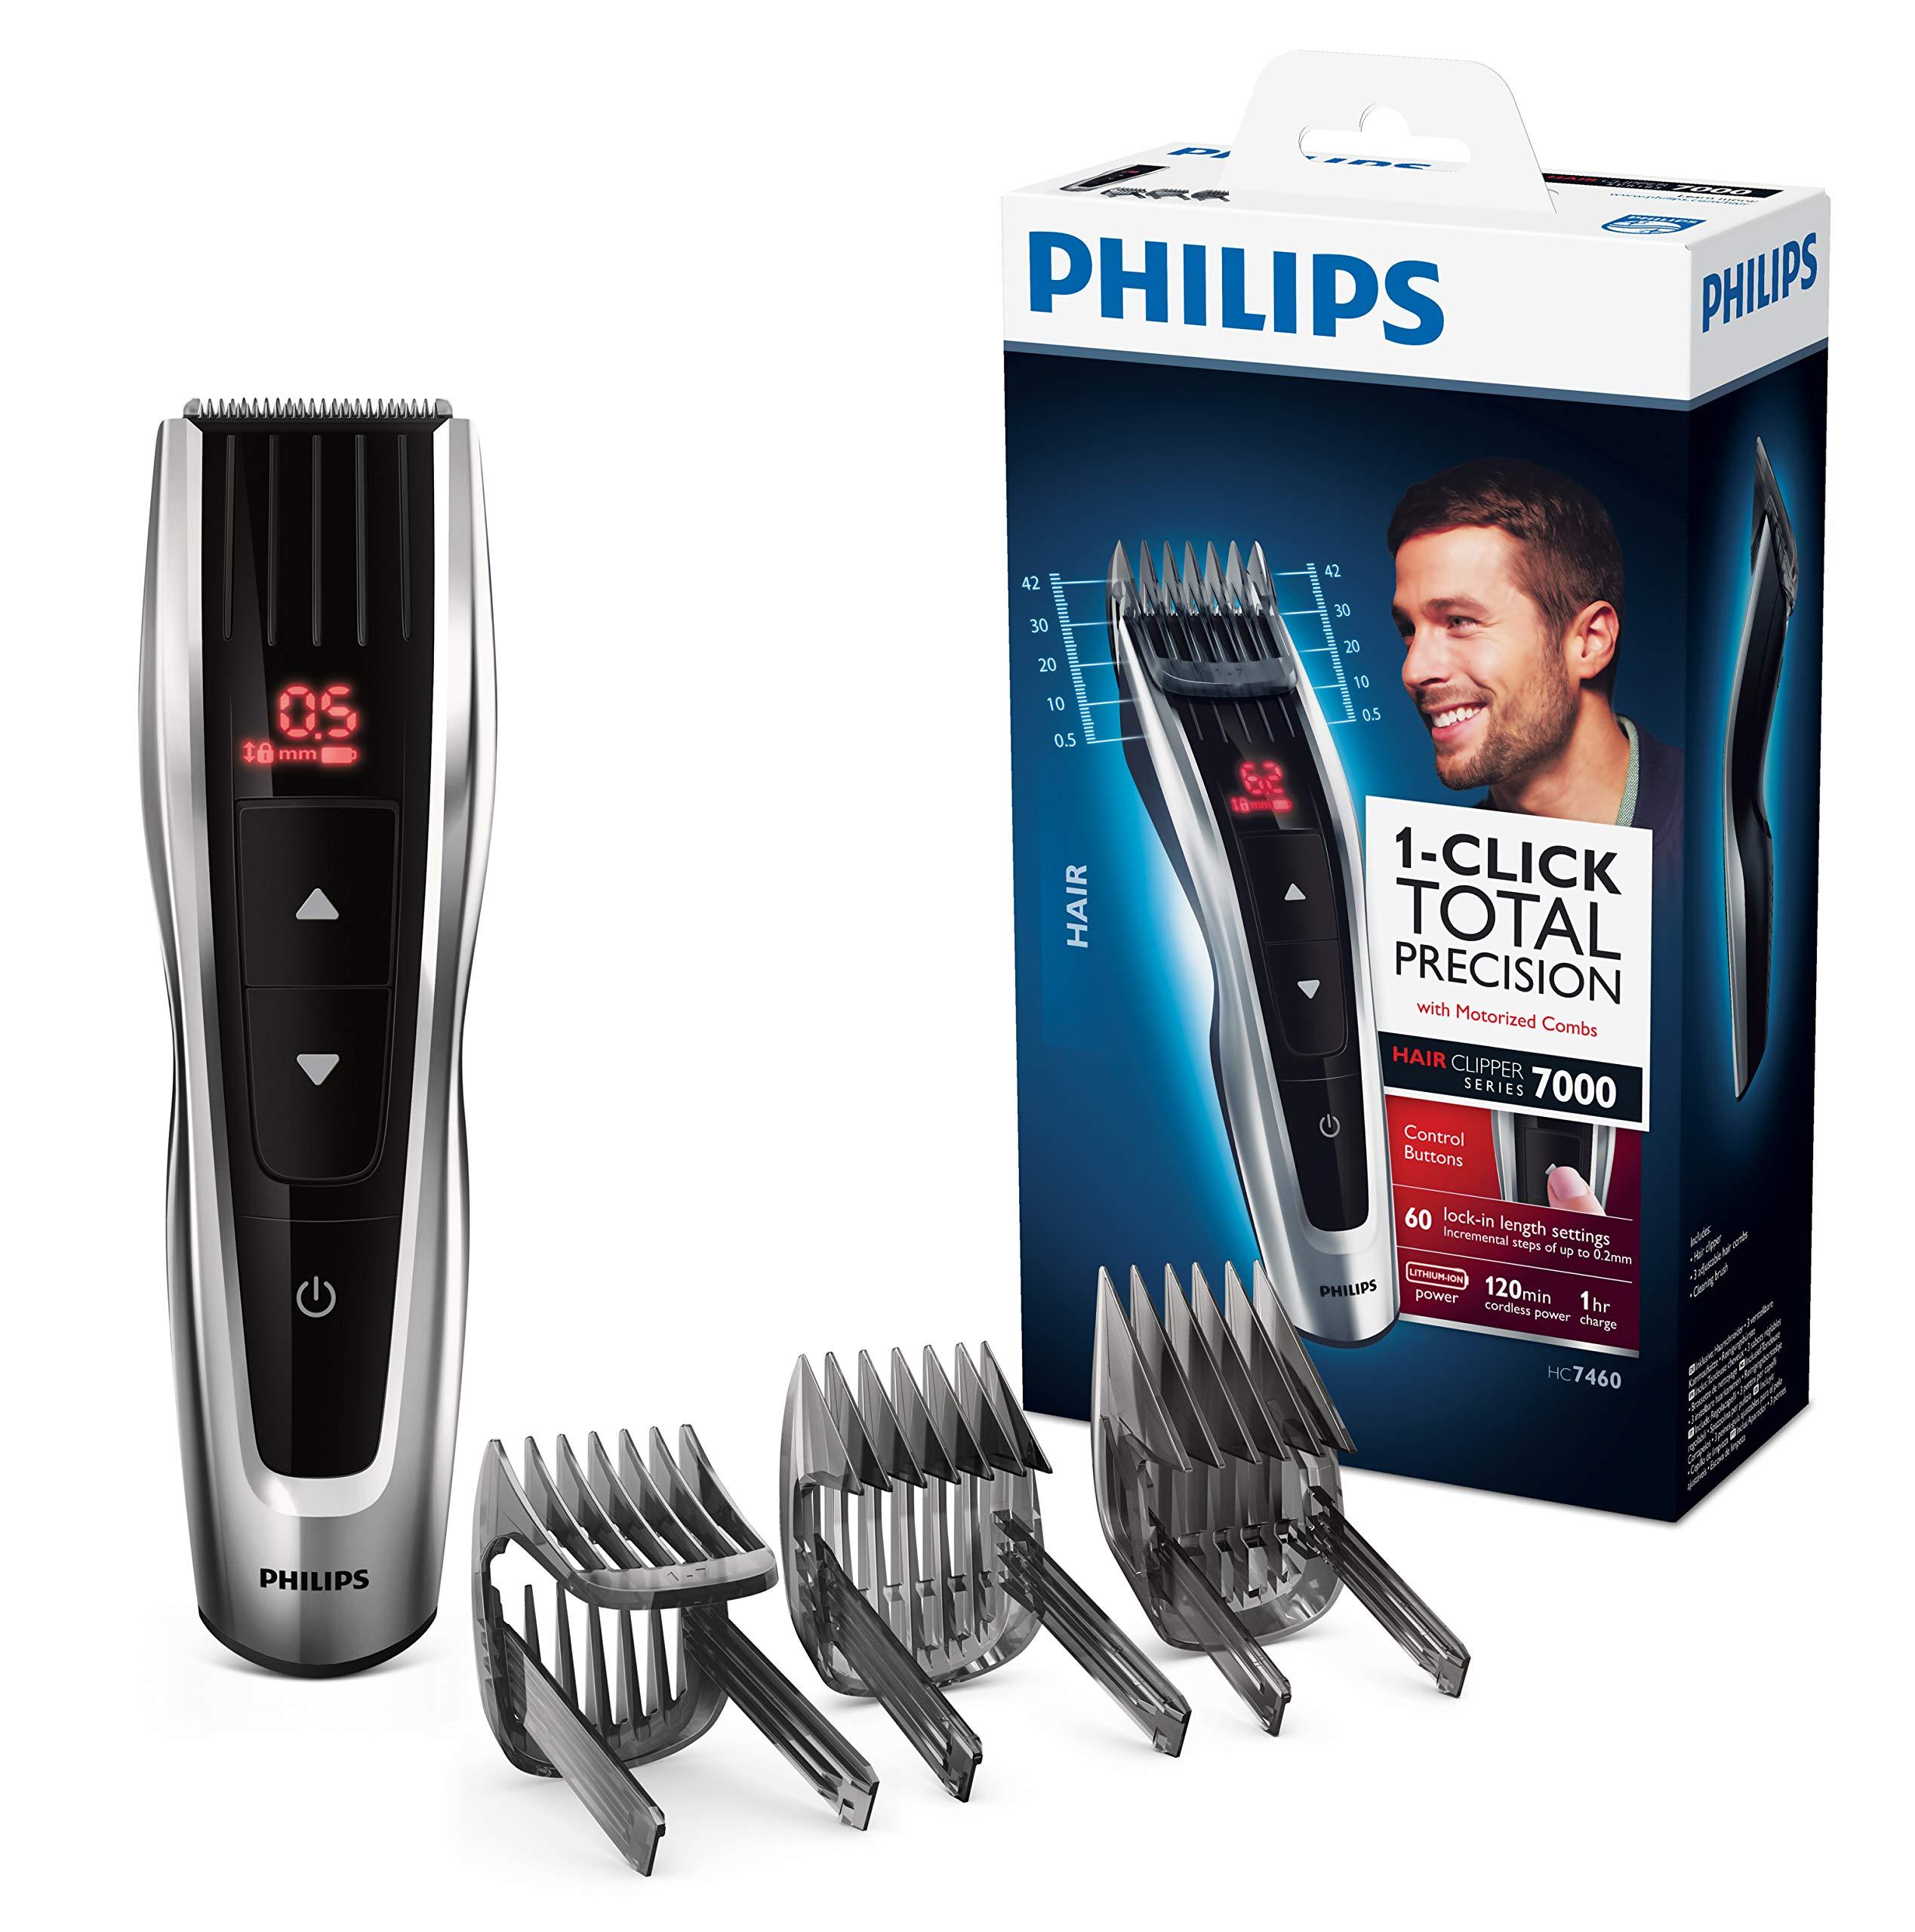 Philips HC7460/15 Tondeuse cheveux Series 7000 avec sabots motorisés product image